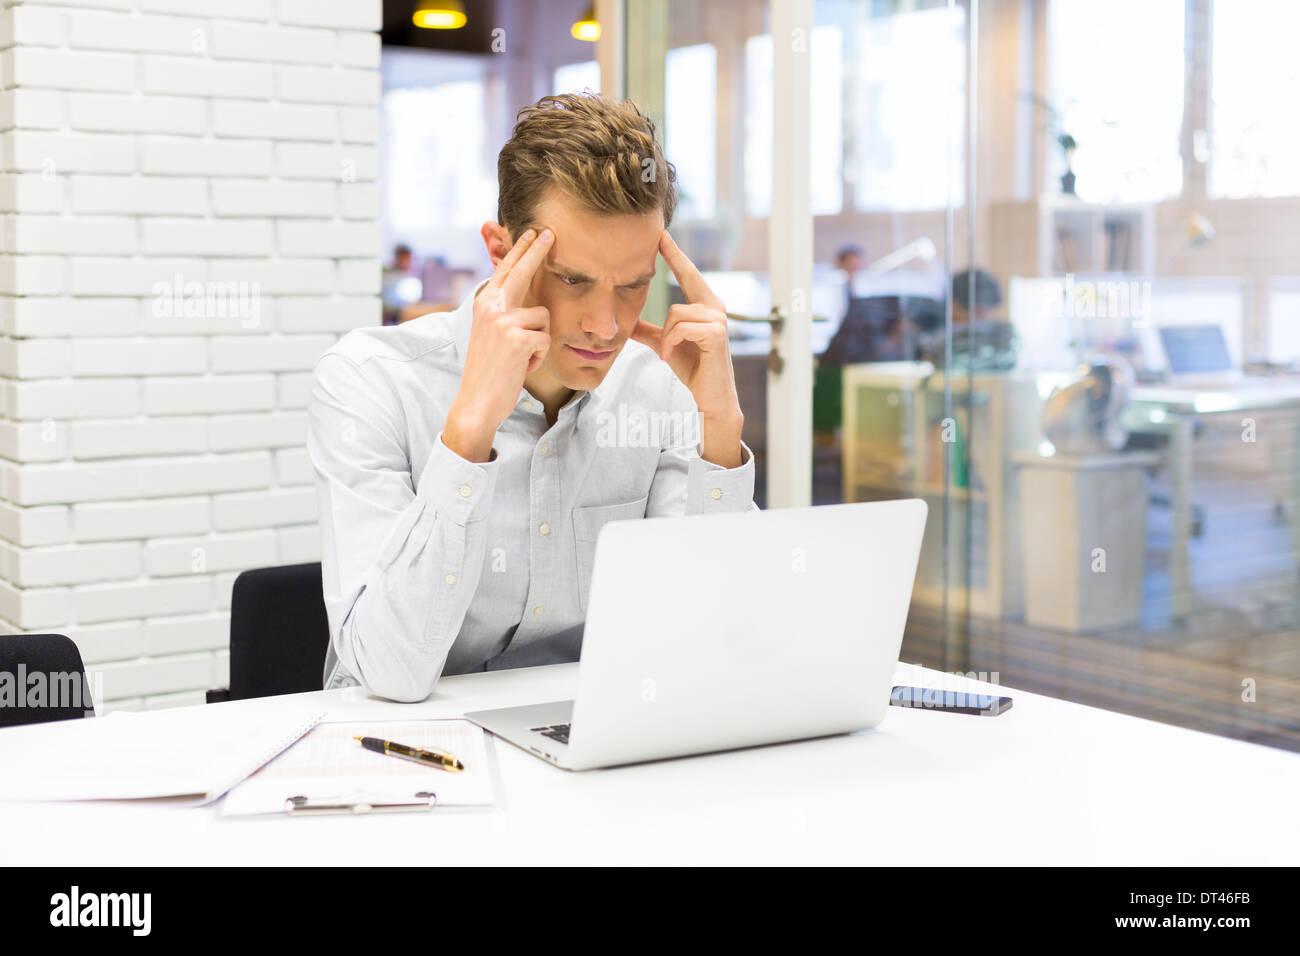 Hombres de negocios inicio escritorio de ordenador Imagen De Stock